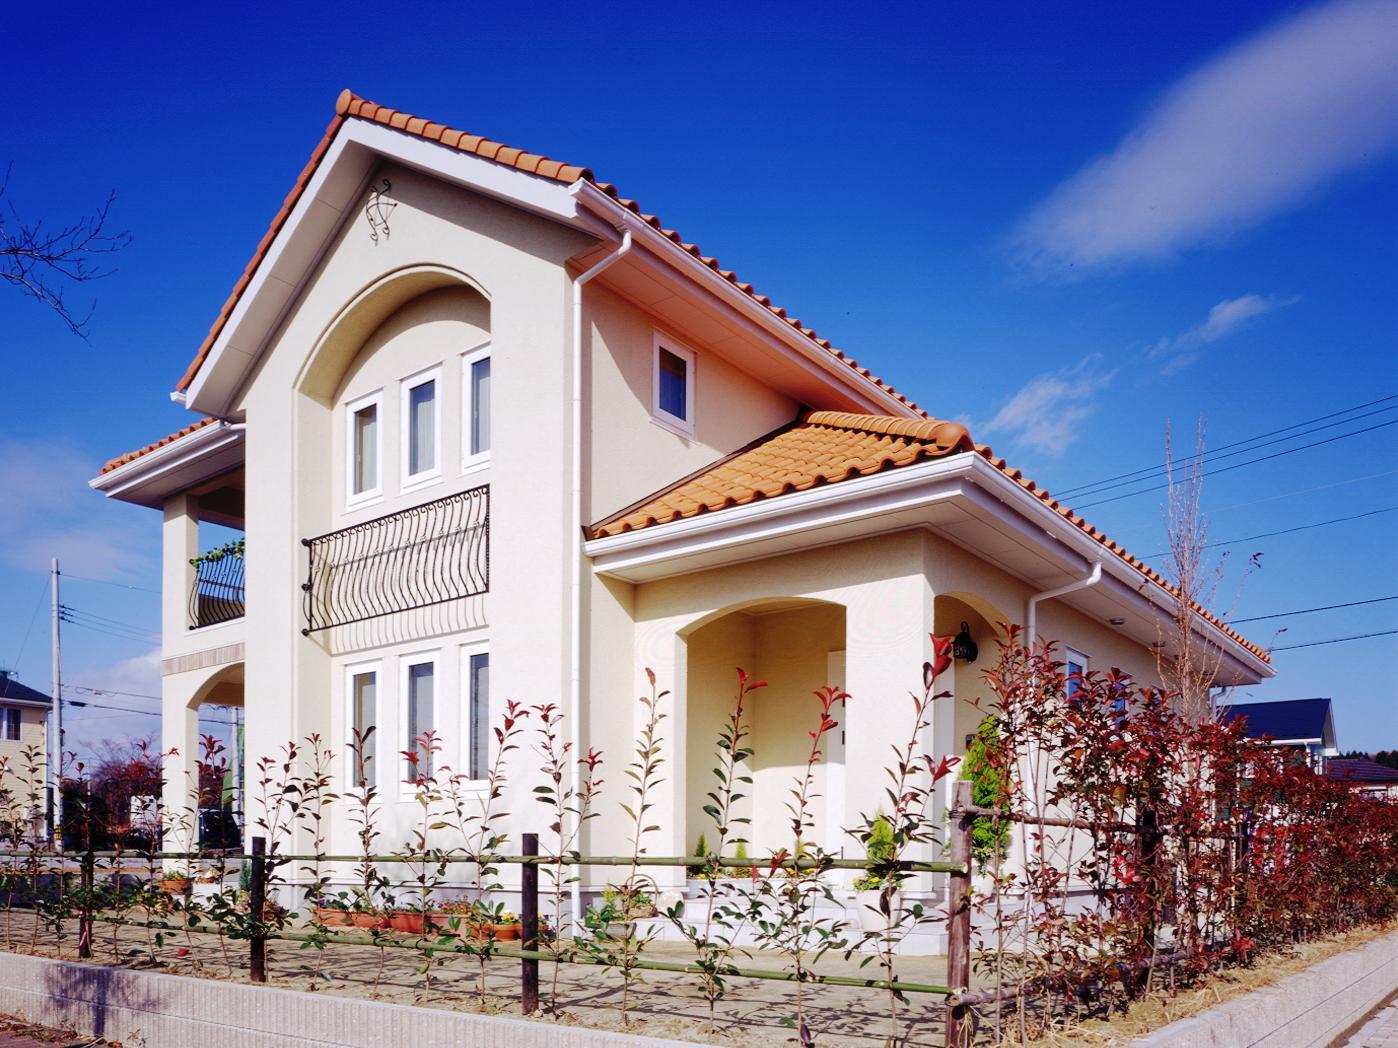 北洲ハウジングの家(オレンジ色の屋根が映える、南欧風の住まい)